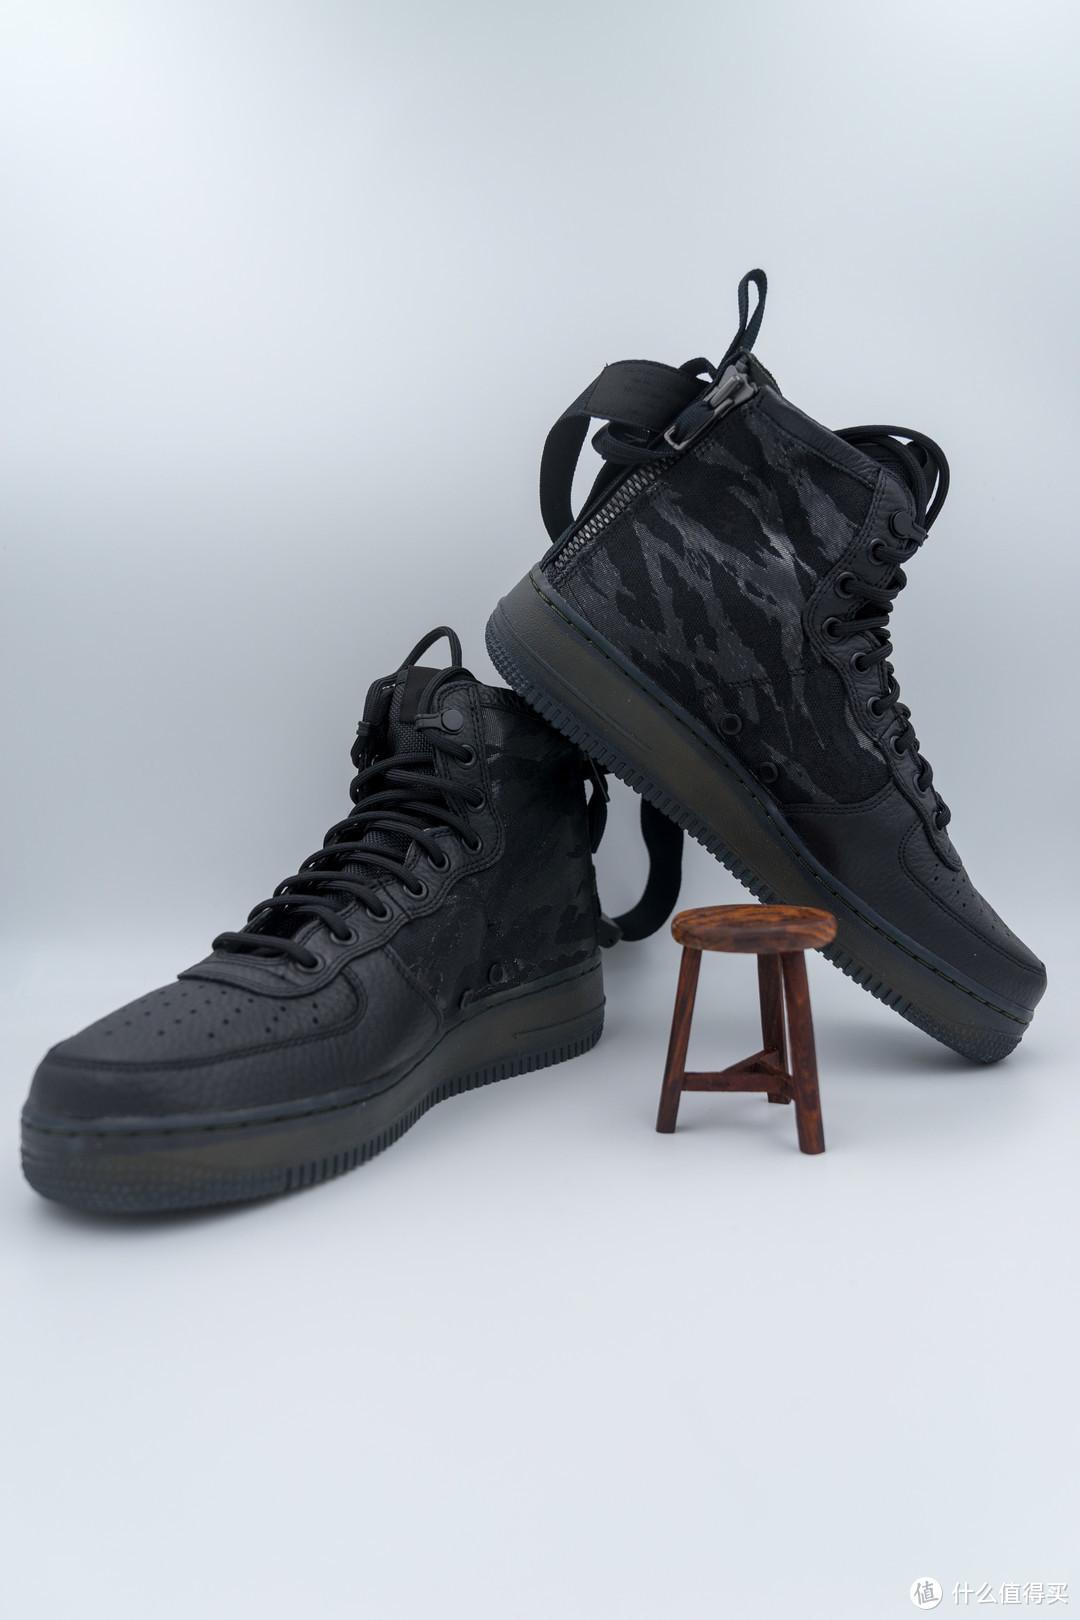 Nike 耐克首款后置双拉链鞋—Air Force 1 SF Mid 晒单